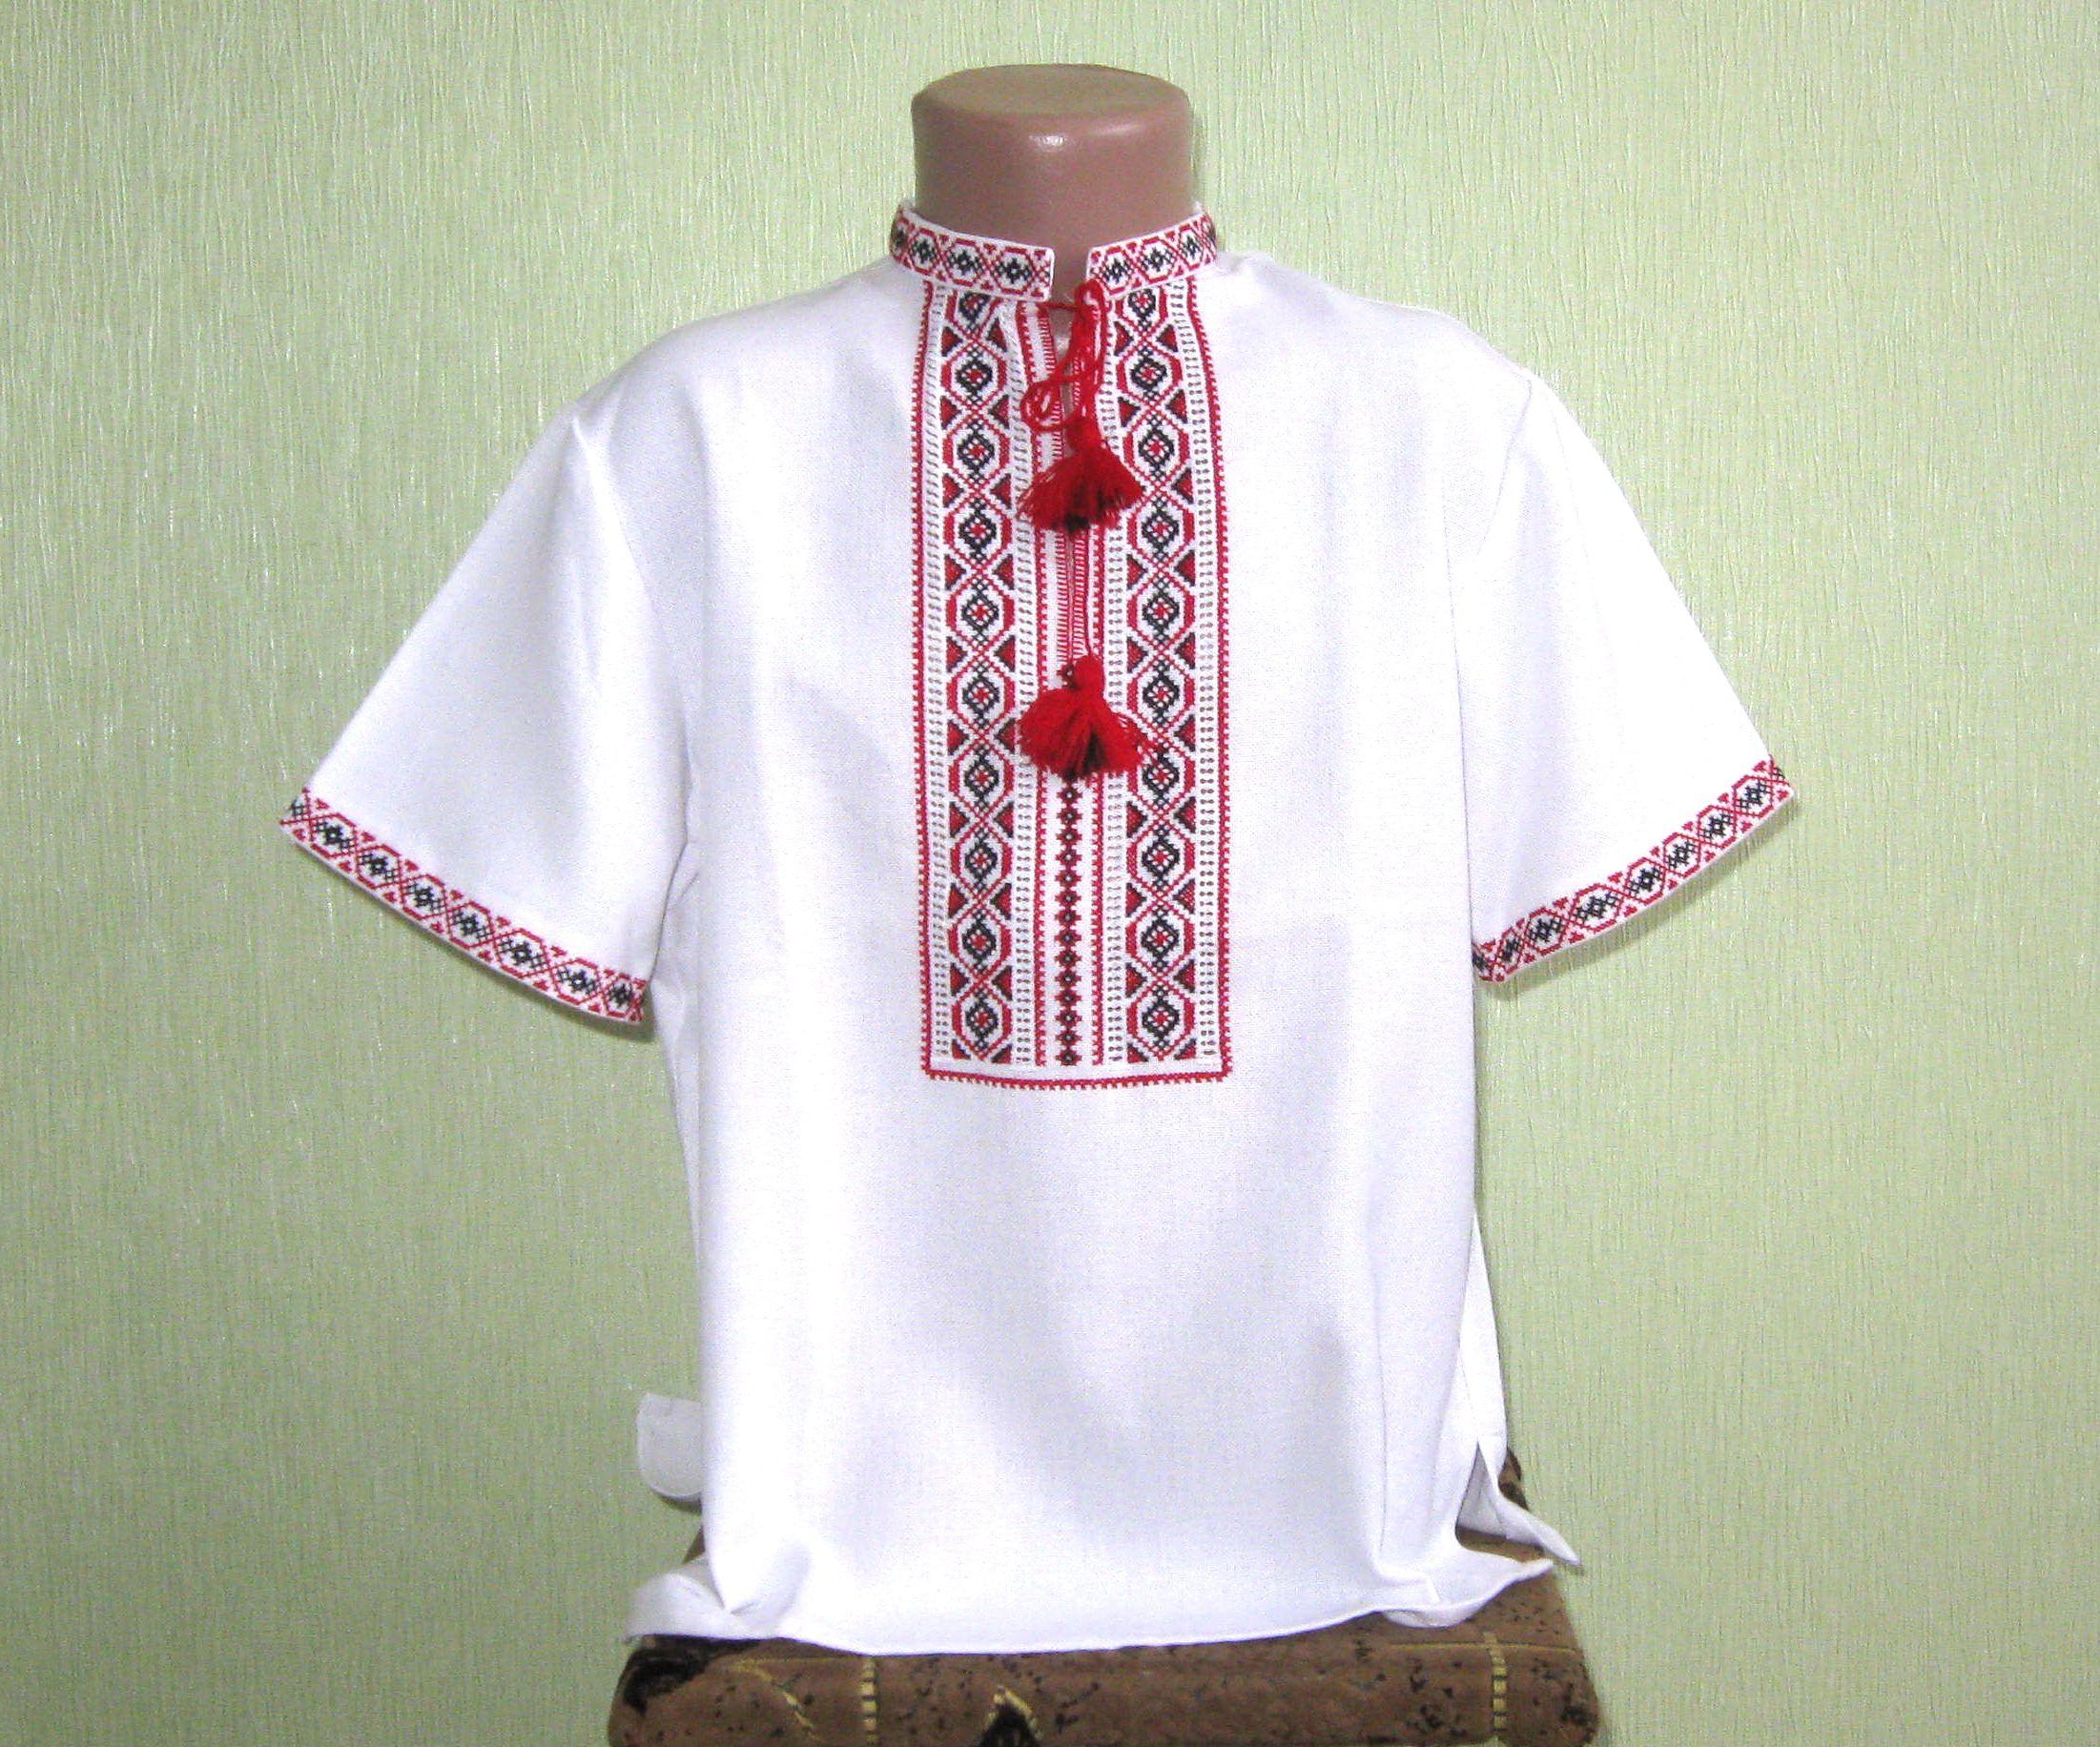 Дитячі вишиті сорочки для хлопчиків схеми - Фотогалерея - Вишиванки ... 918eba8cc1d92